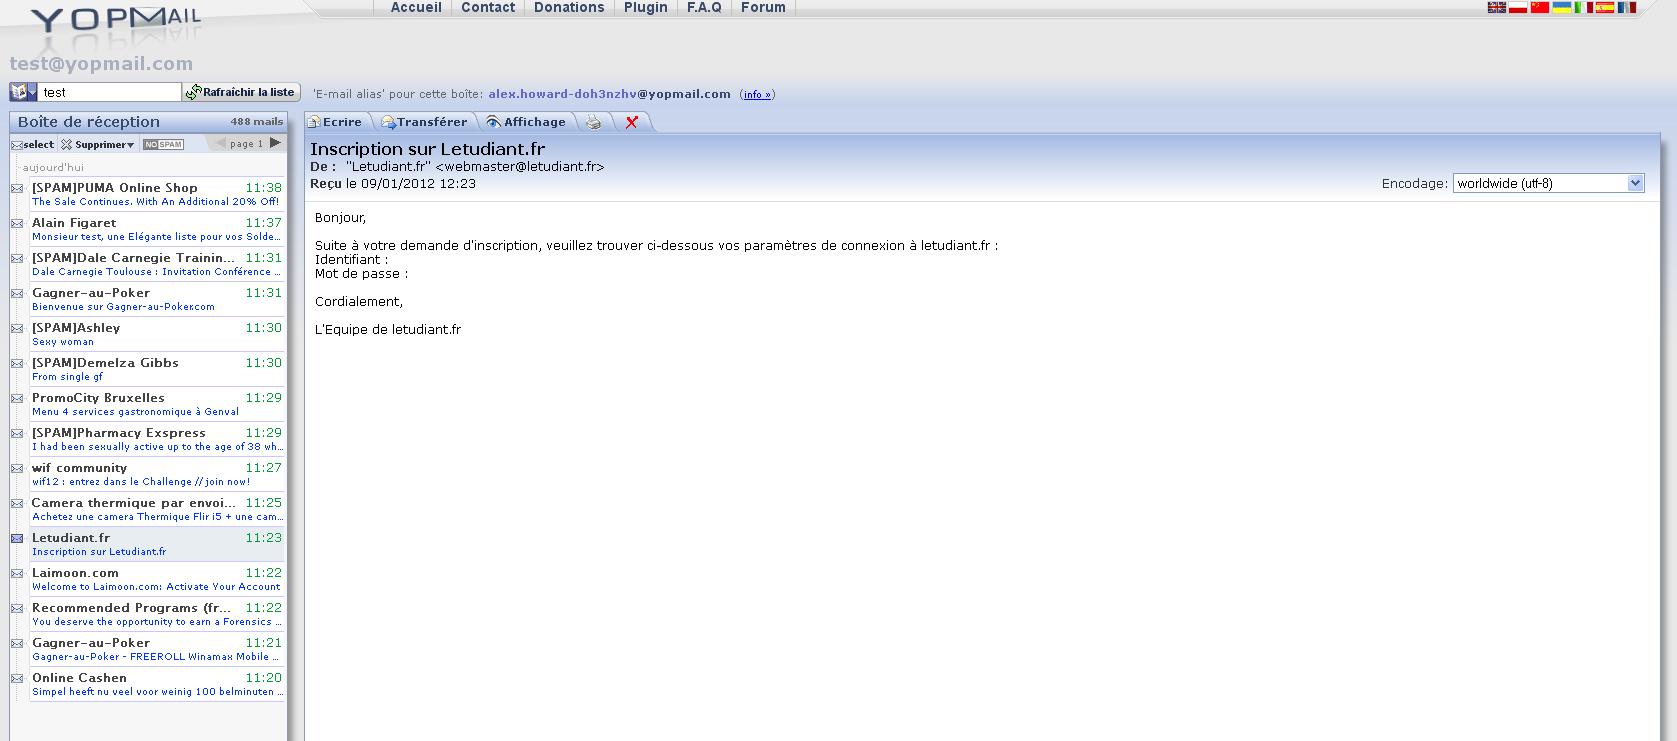 Créer une adresse E-mail jetable avec Yopmail